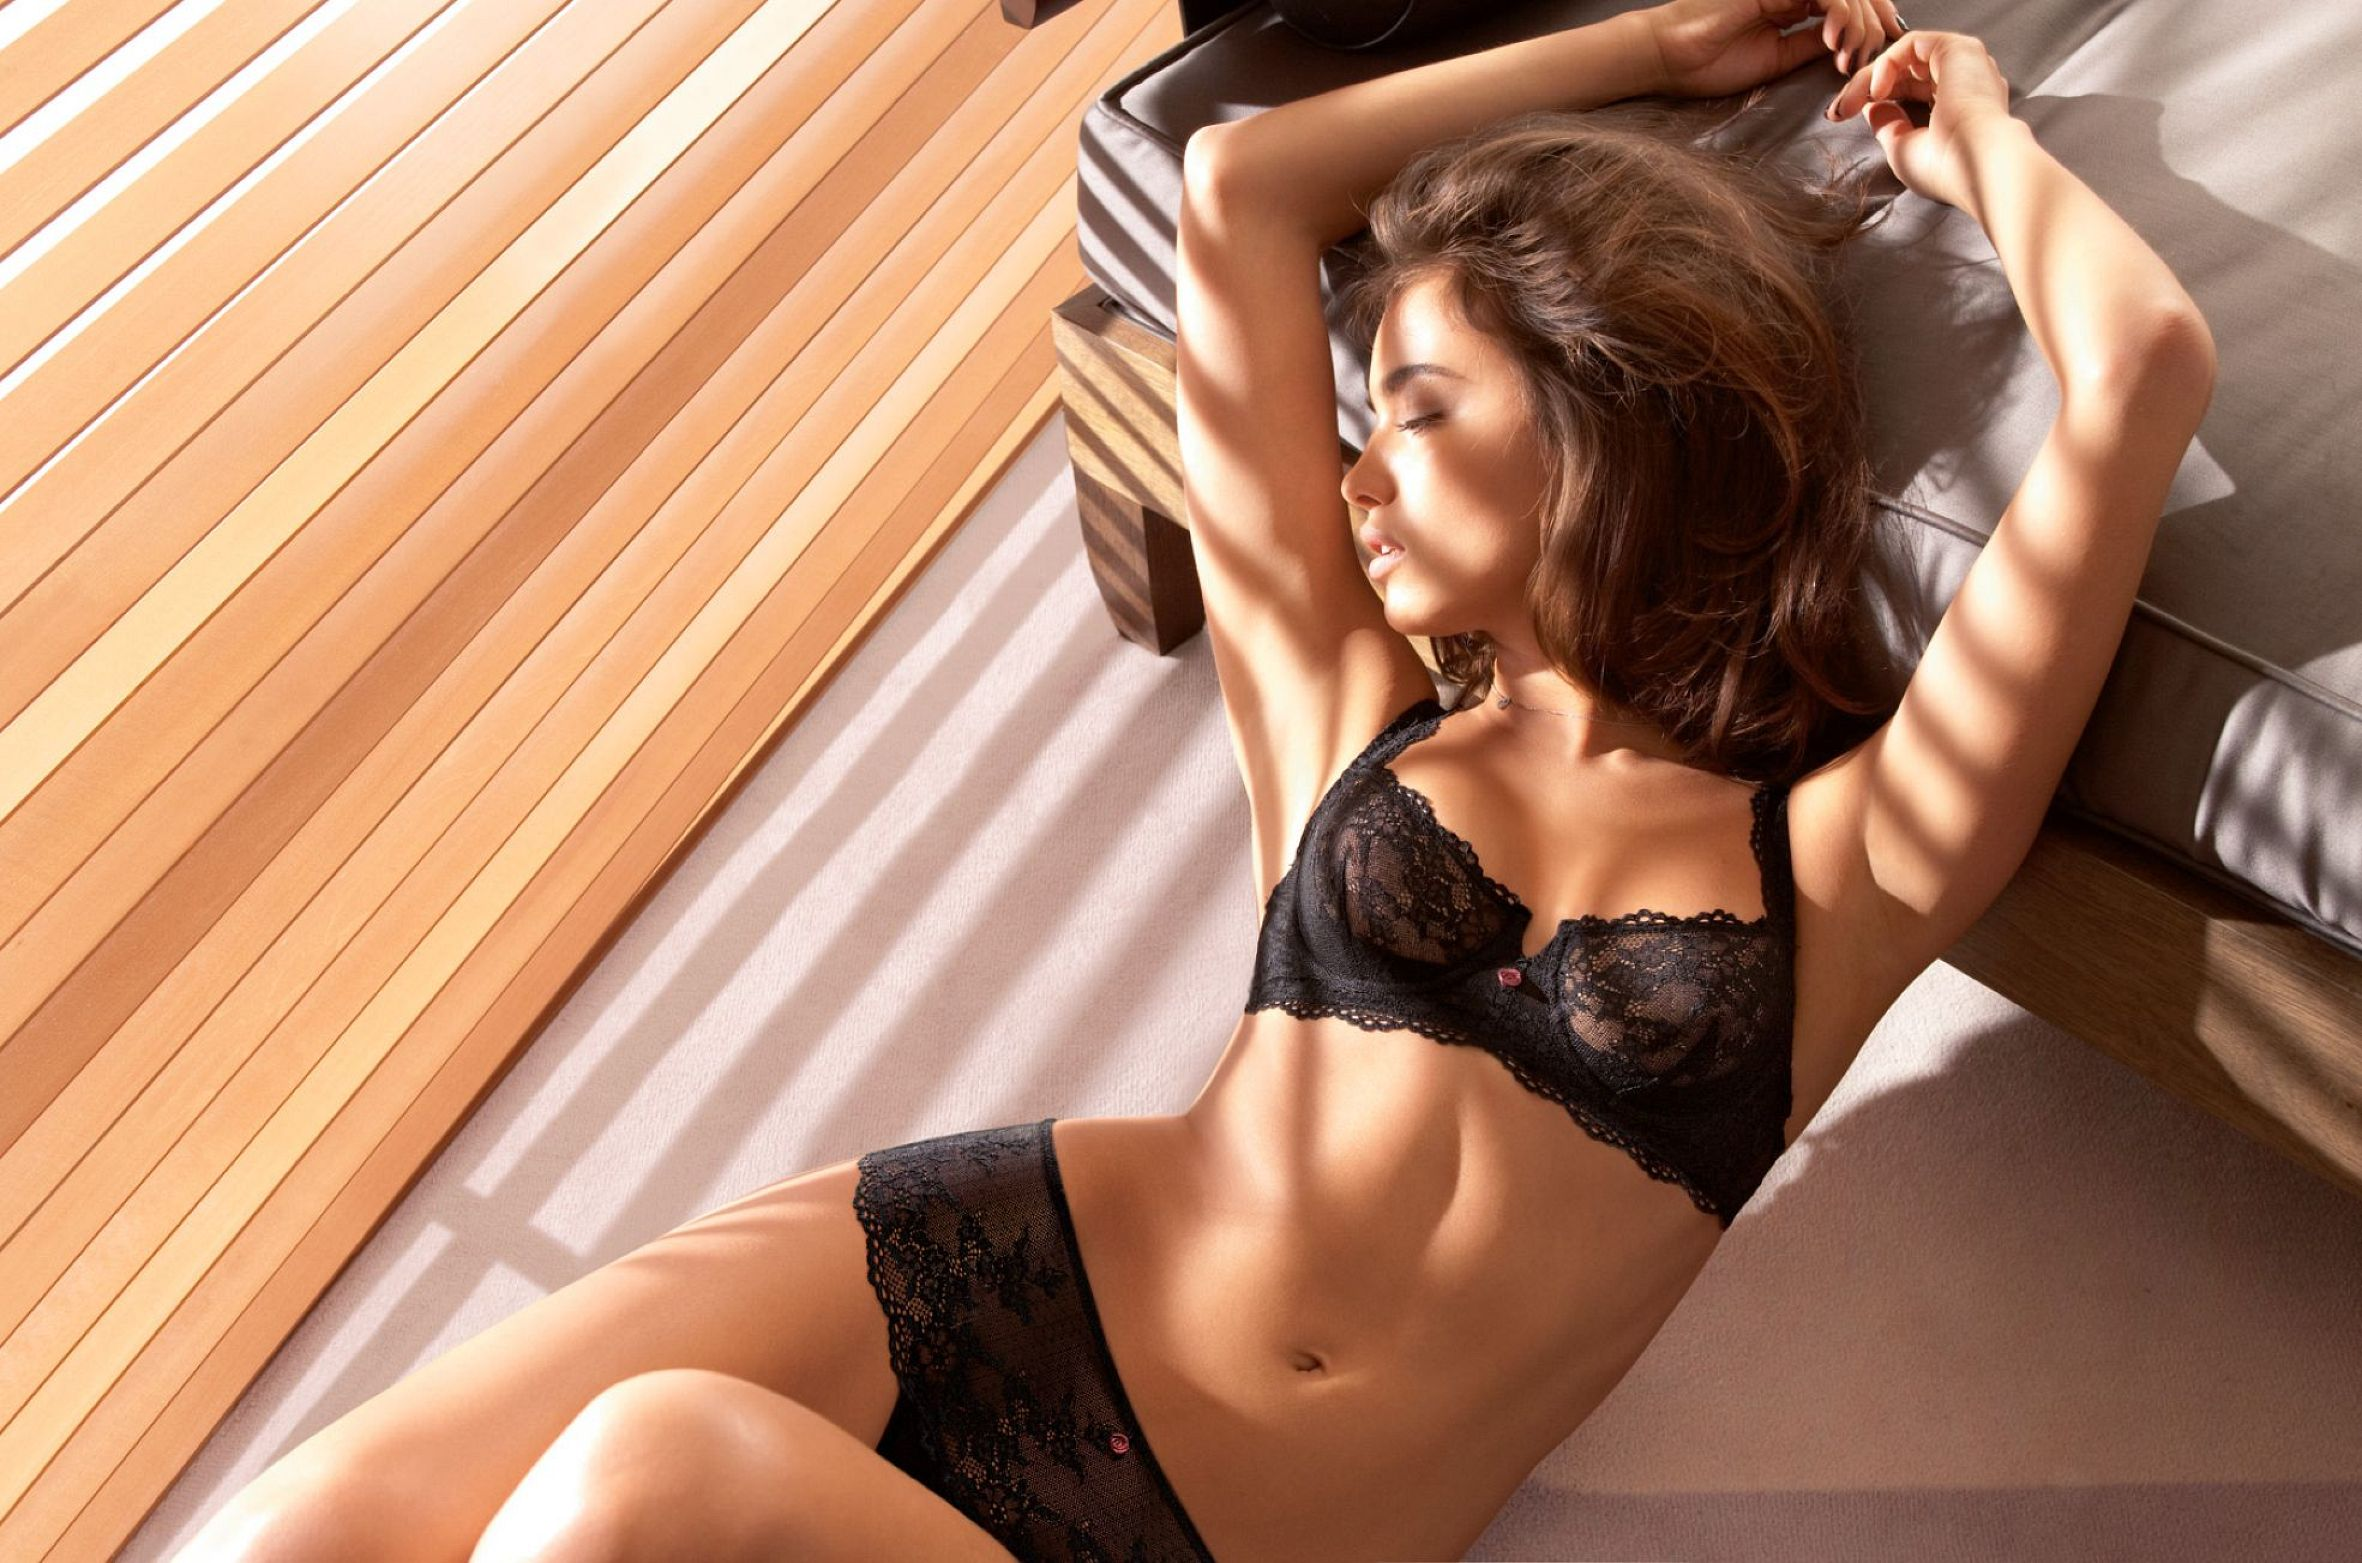 Сексуальная девочка на кровати 18 фотография